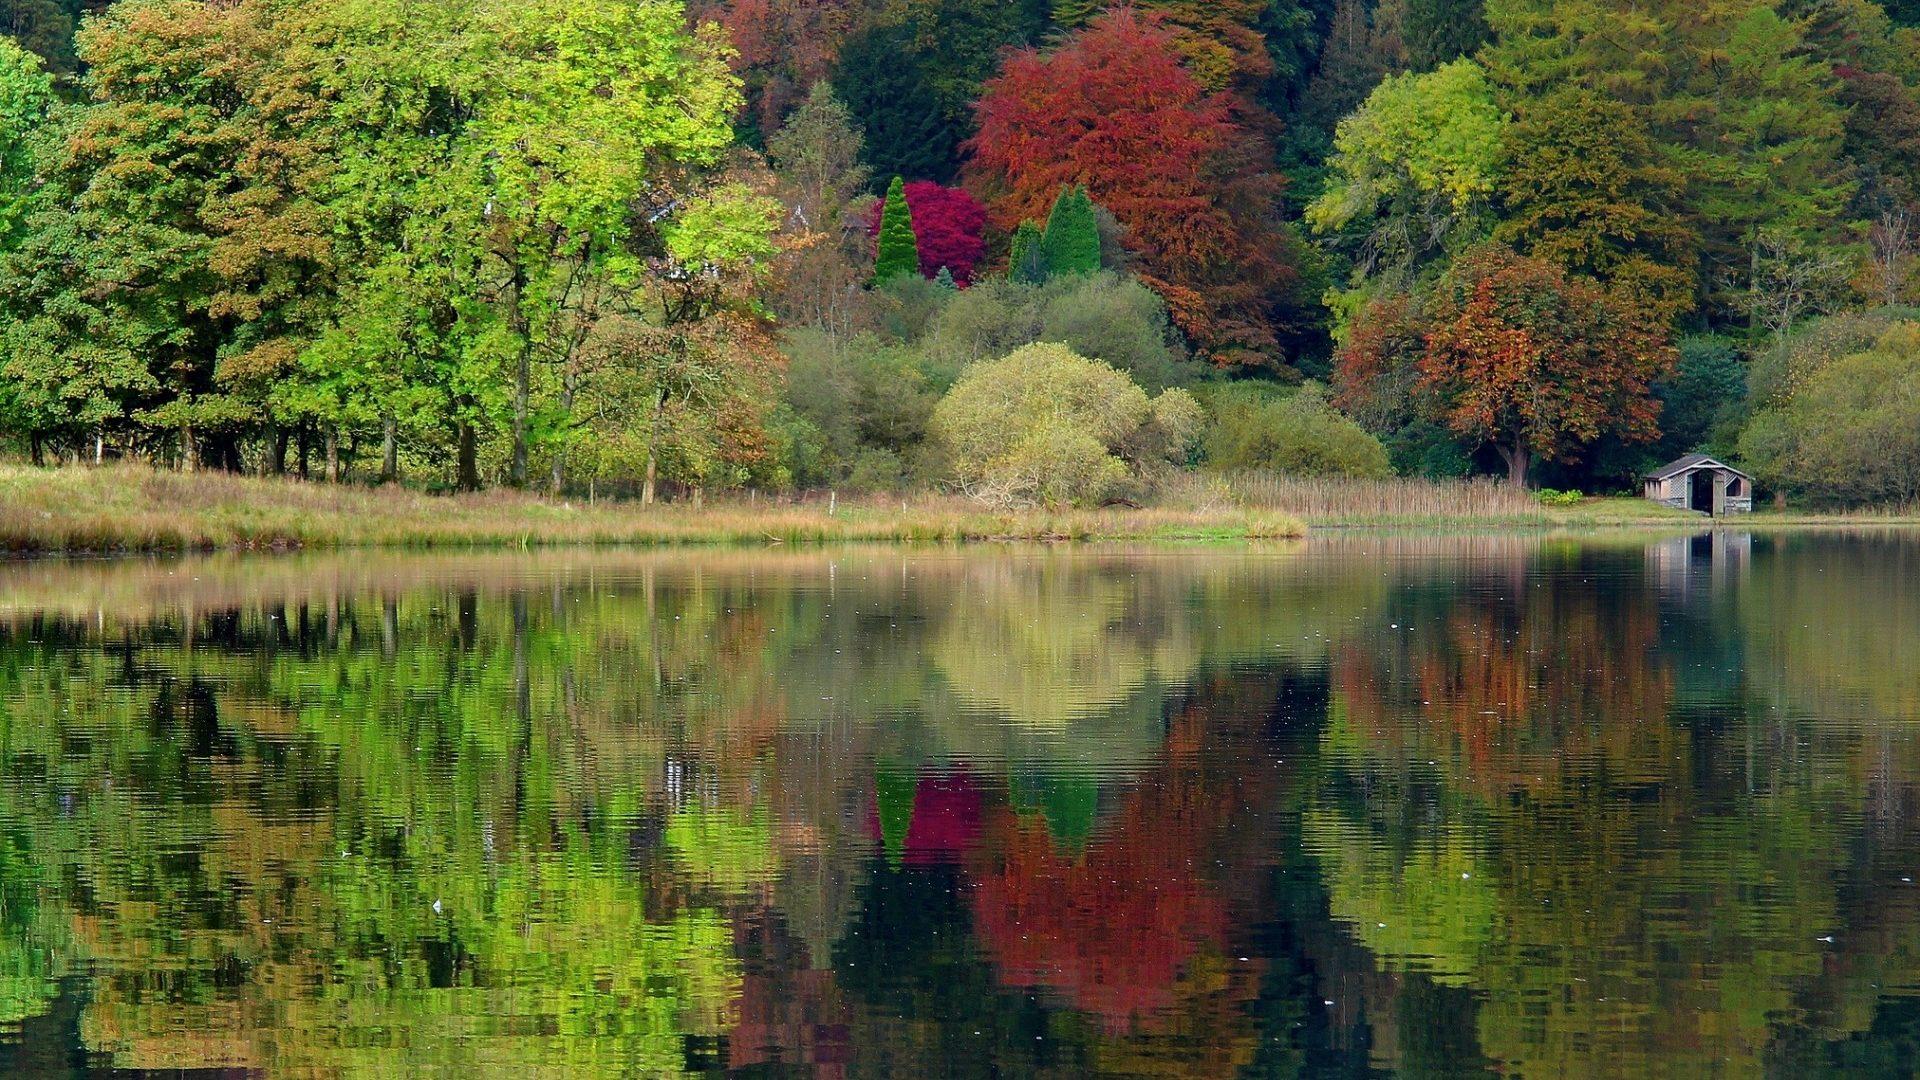 Rustic autumn lake photo